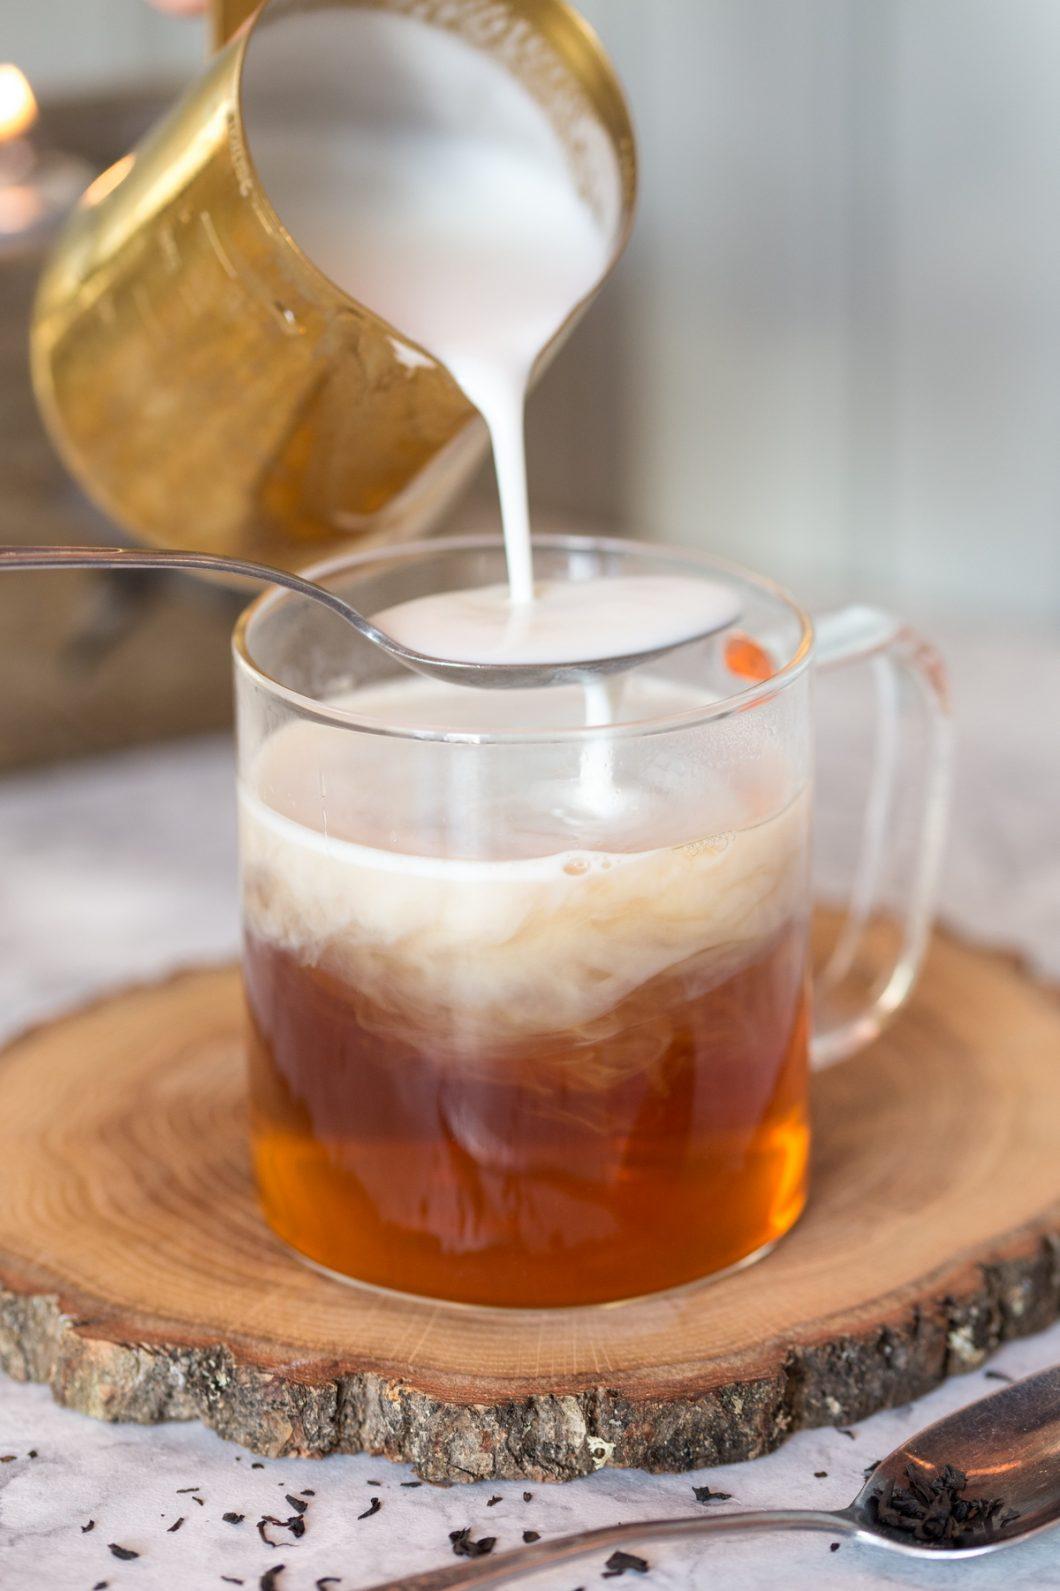 Adding steamed milk to tea.